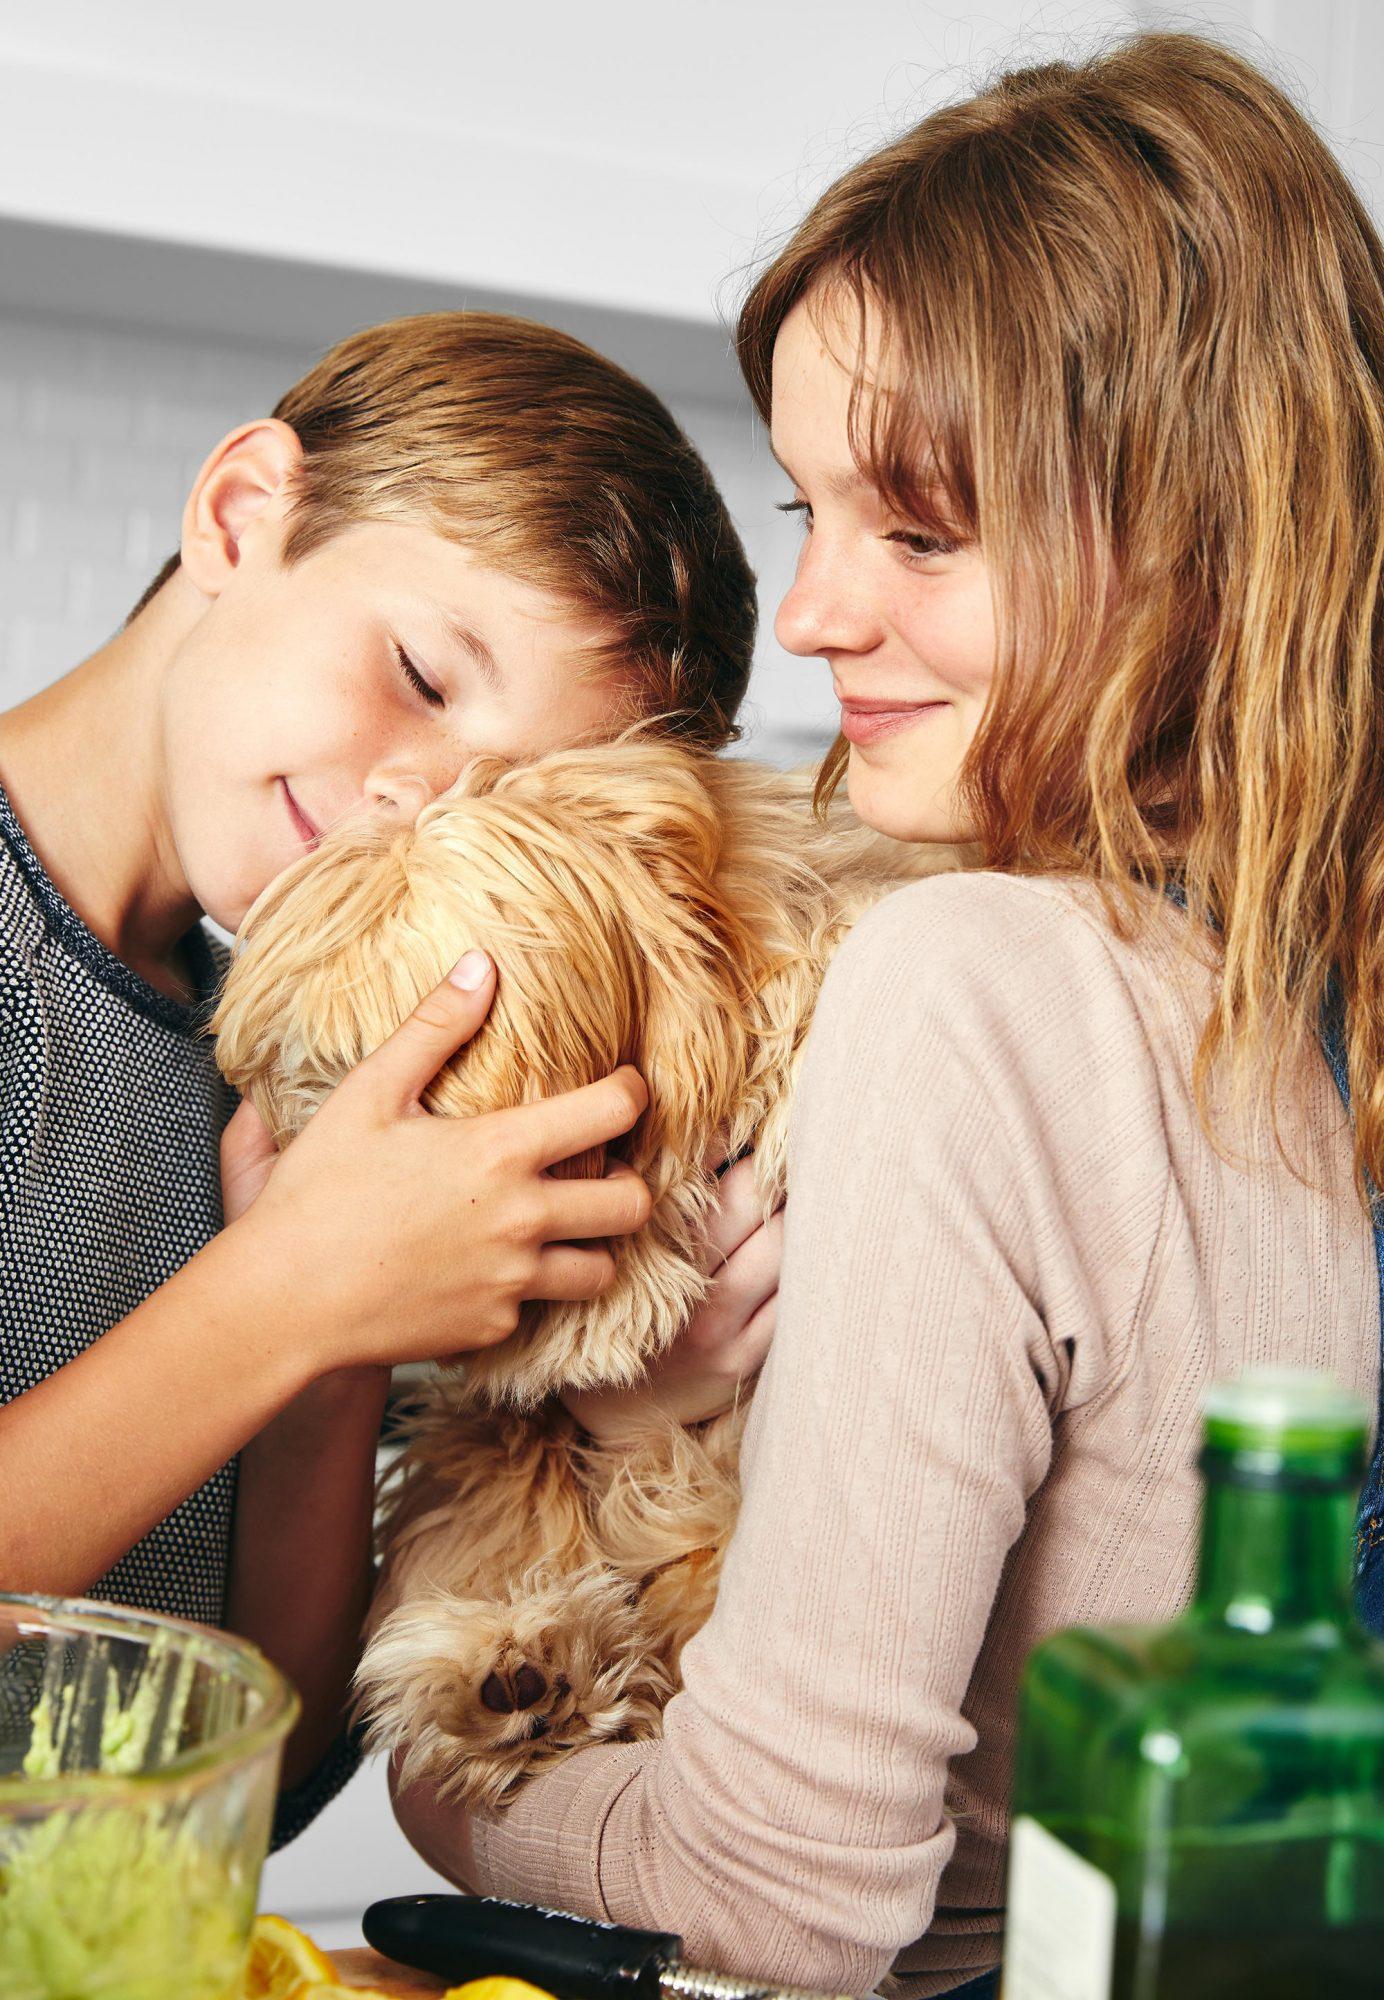 kids holding dog